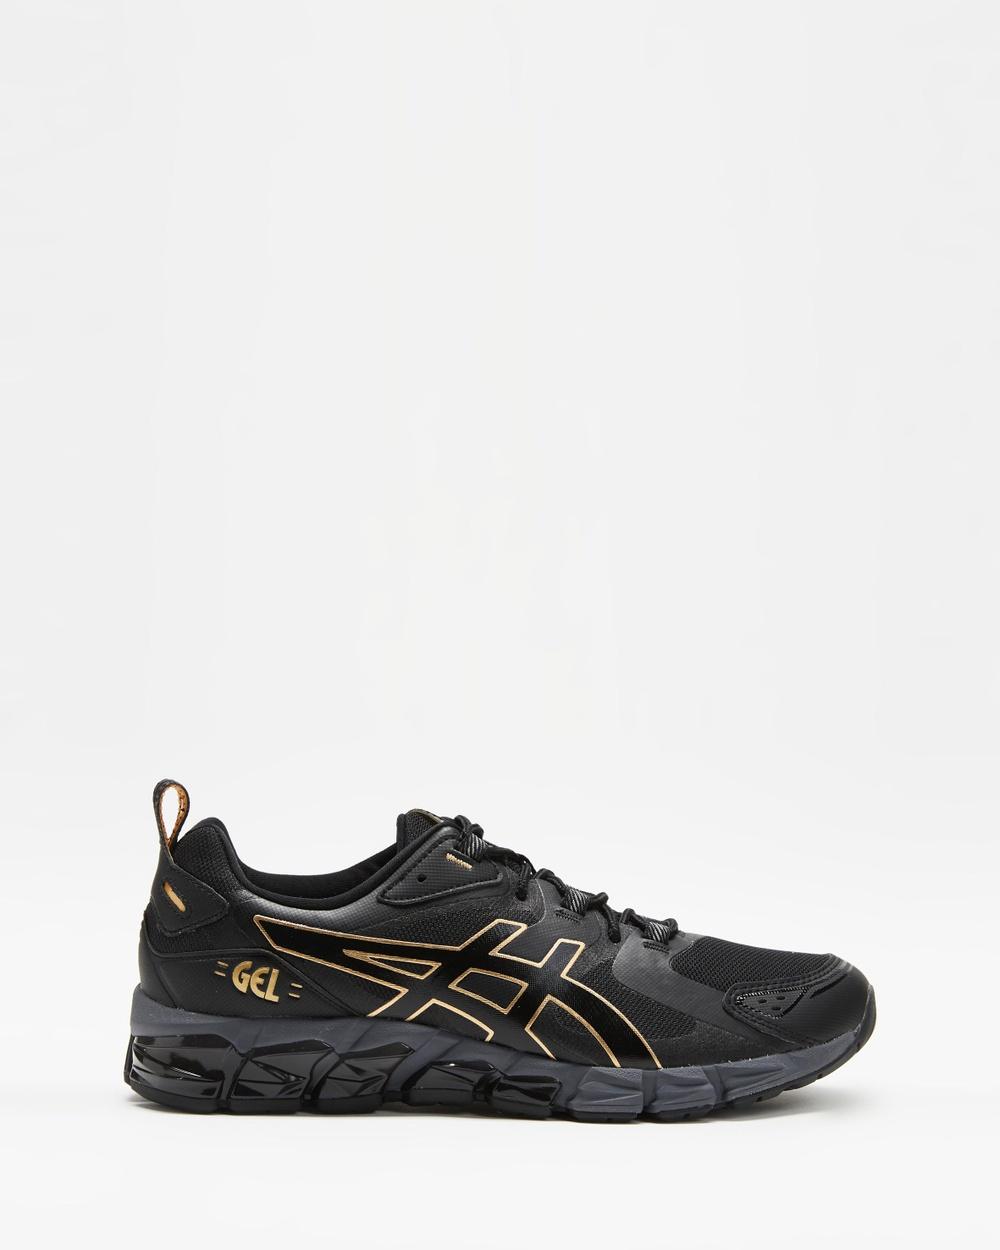 ASICS GEL Quantum 180 Men's Performance Shoes Black & Pure Gold GEL-Quantum Australia